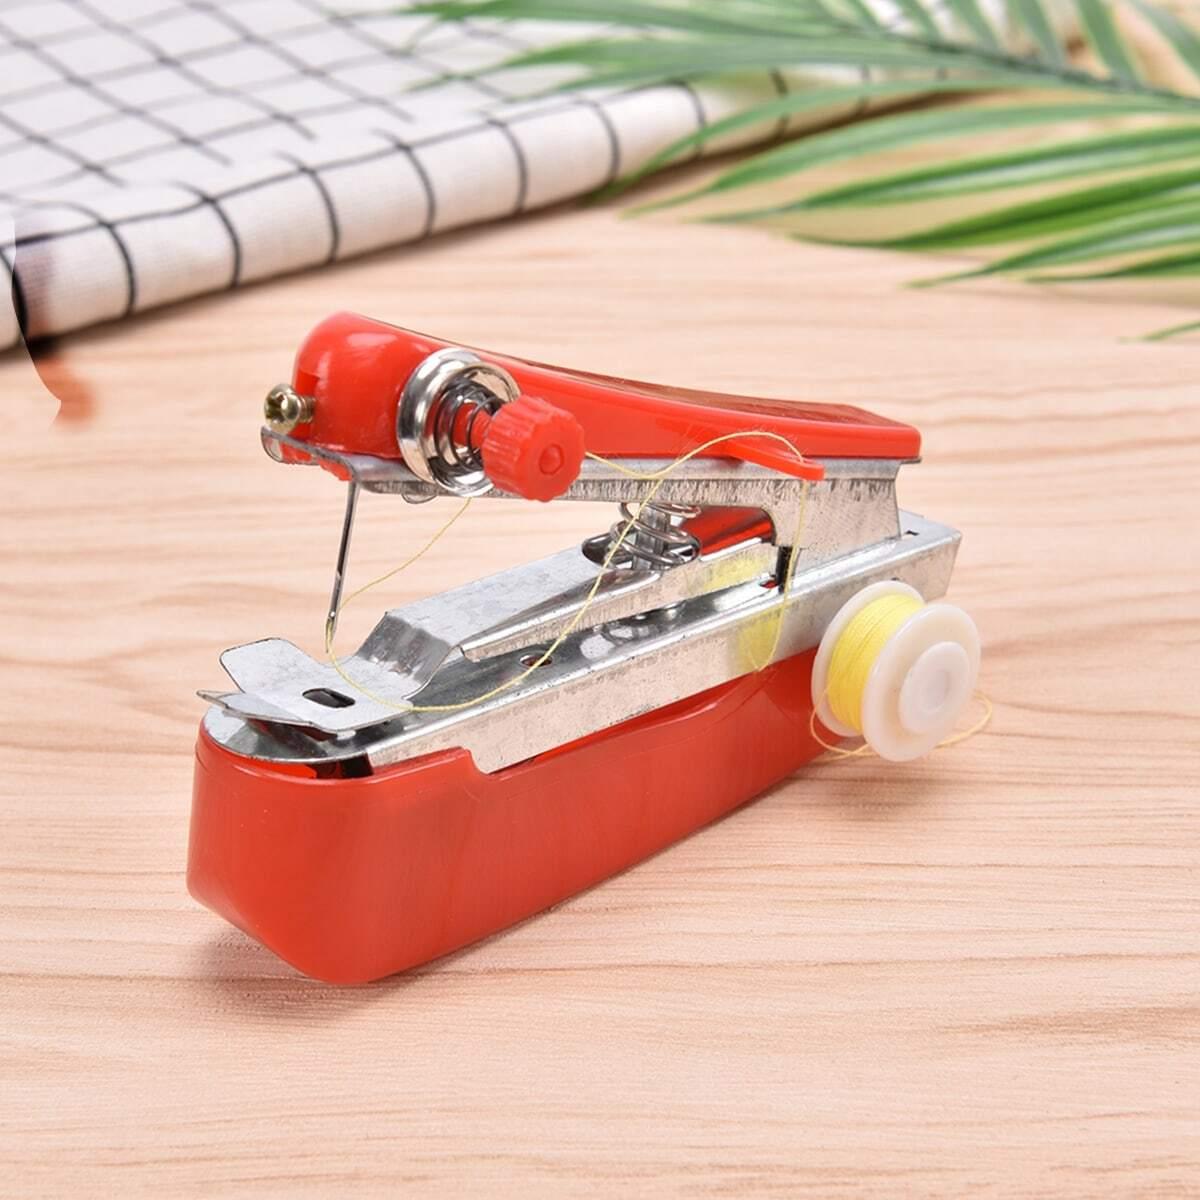 Mini draagbare handbediende naaimachine